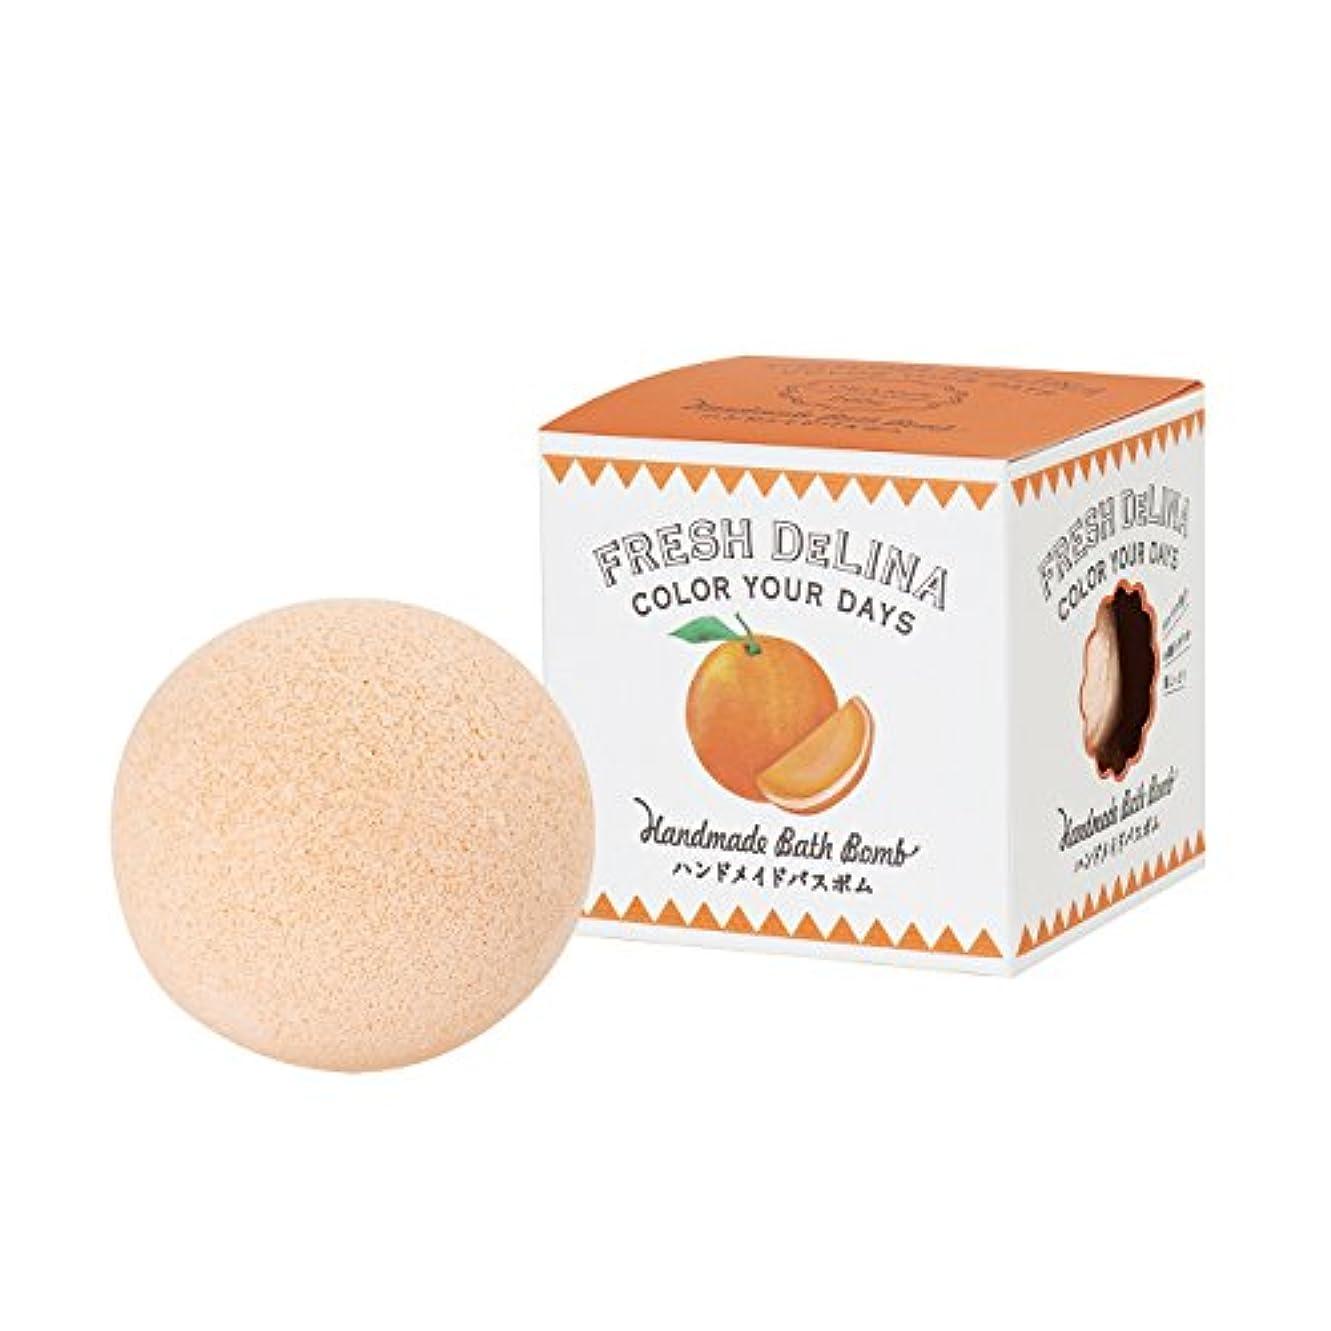 農学対応フレッシュデリーナ ハンドメイドバスボム オレンジ 200g